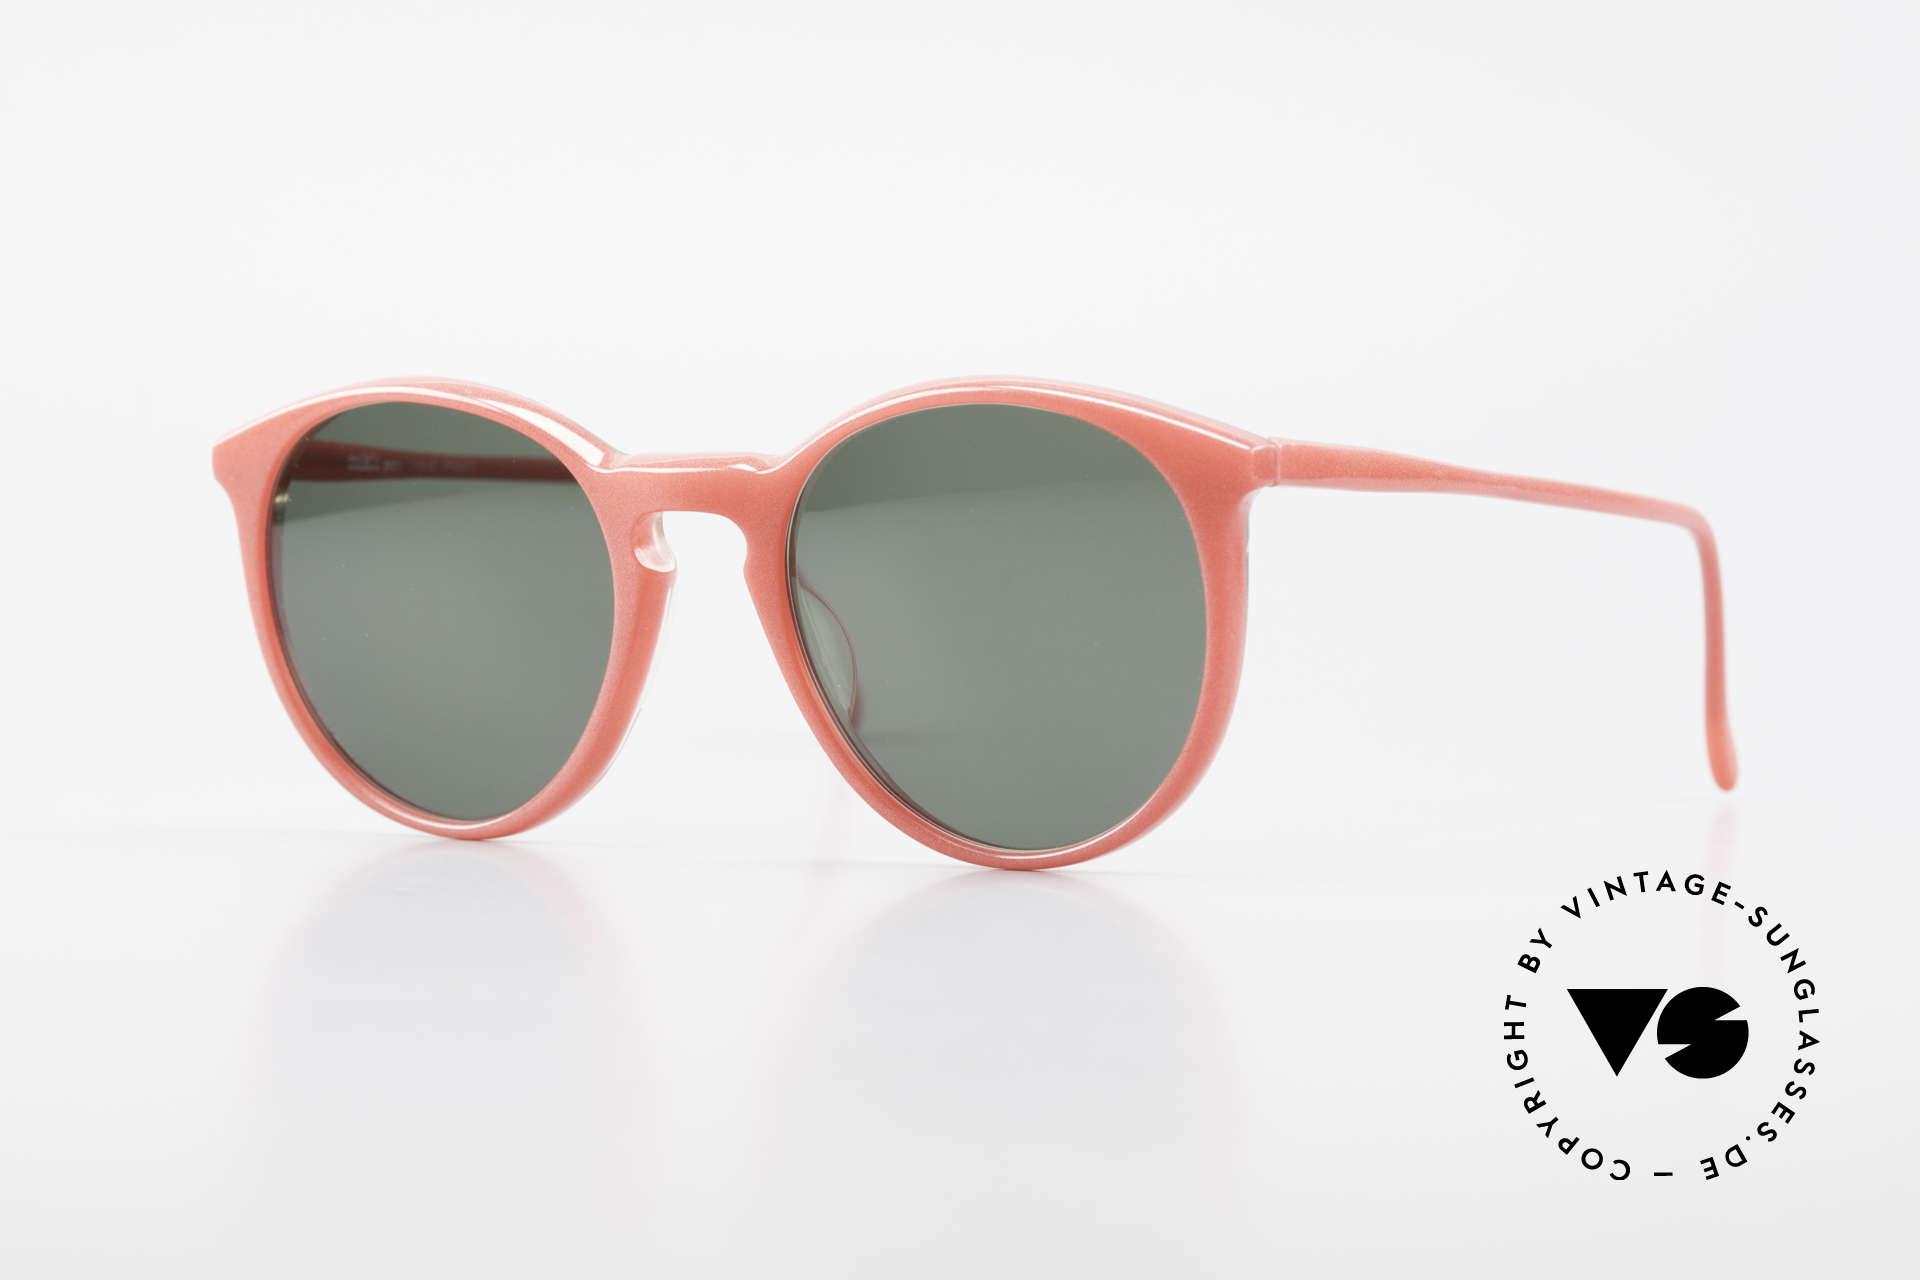 Alain Mikli 901 / 086 Red Pearl Panto Sunglasses, elegant VINTAGE Alain Mikli designer sunglasses, Made for Men and Women